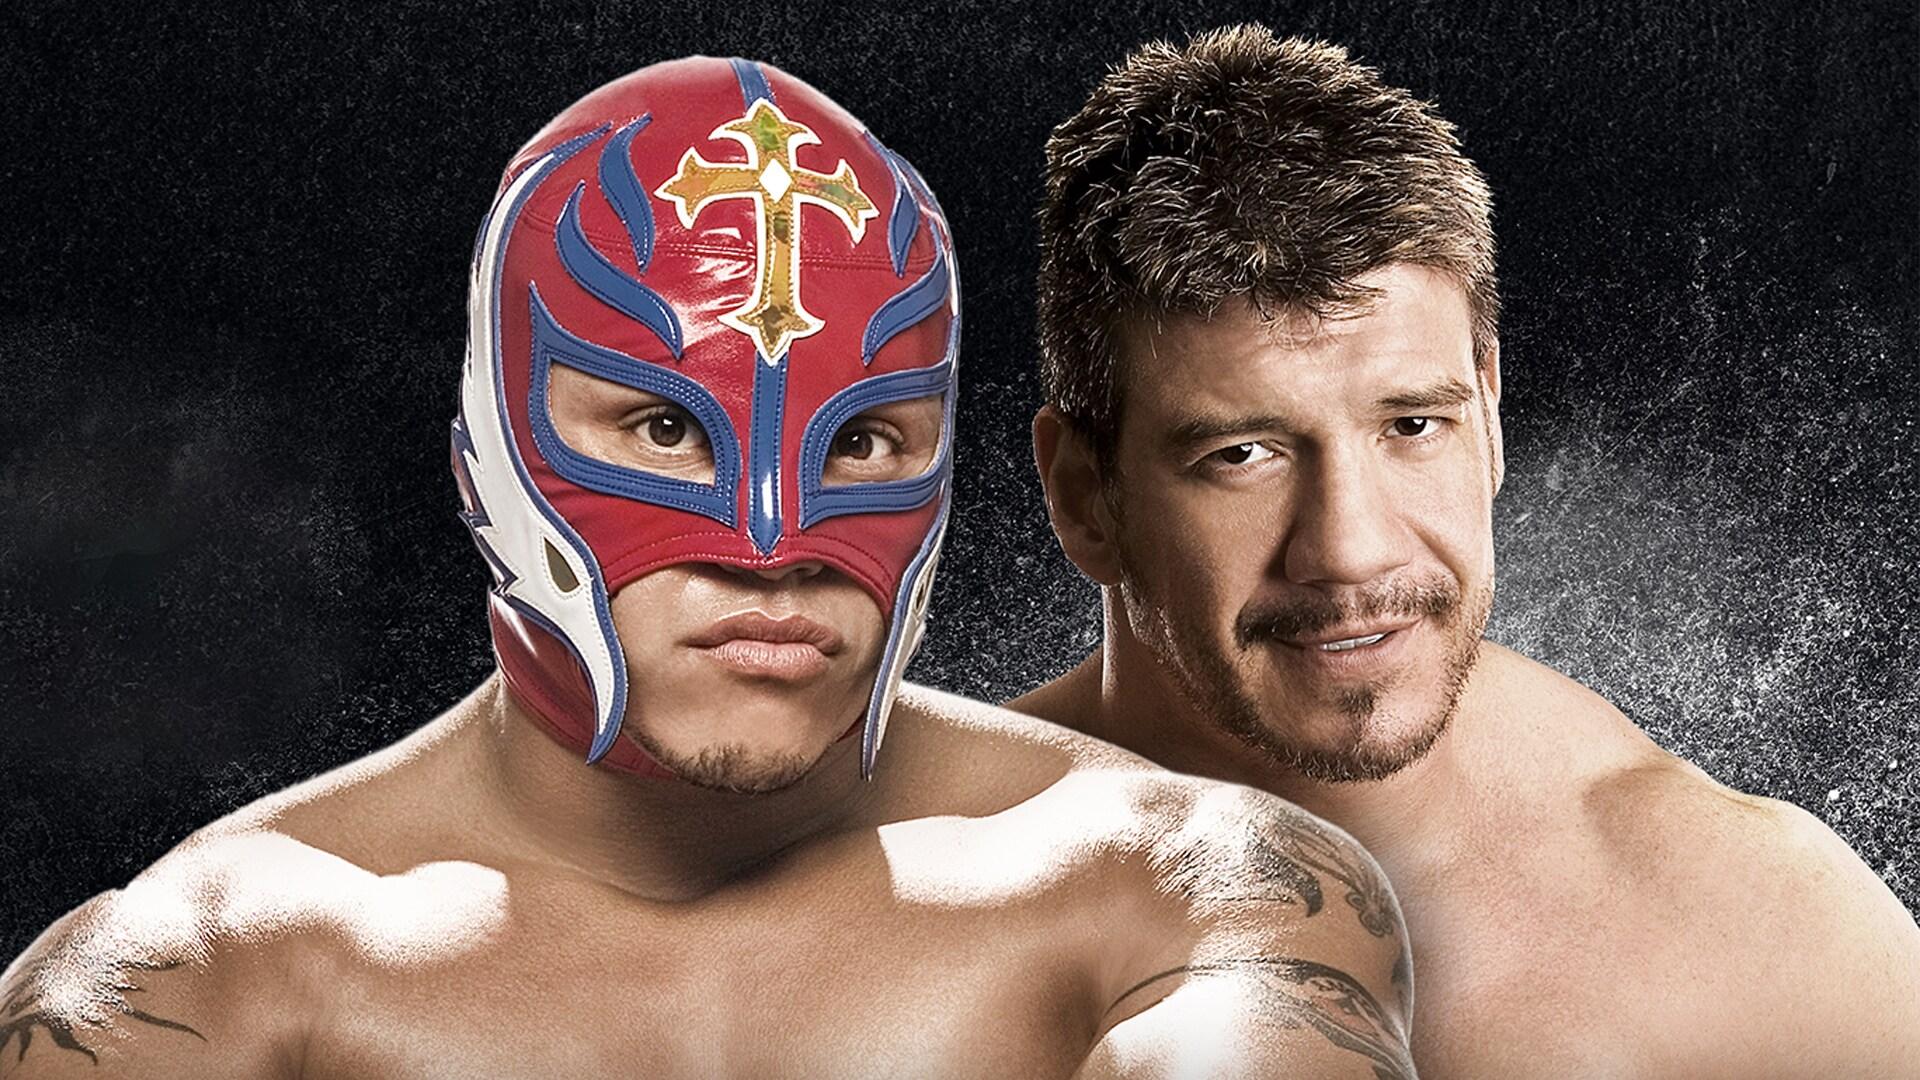 Rey, Eddie & The Rumble